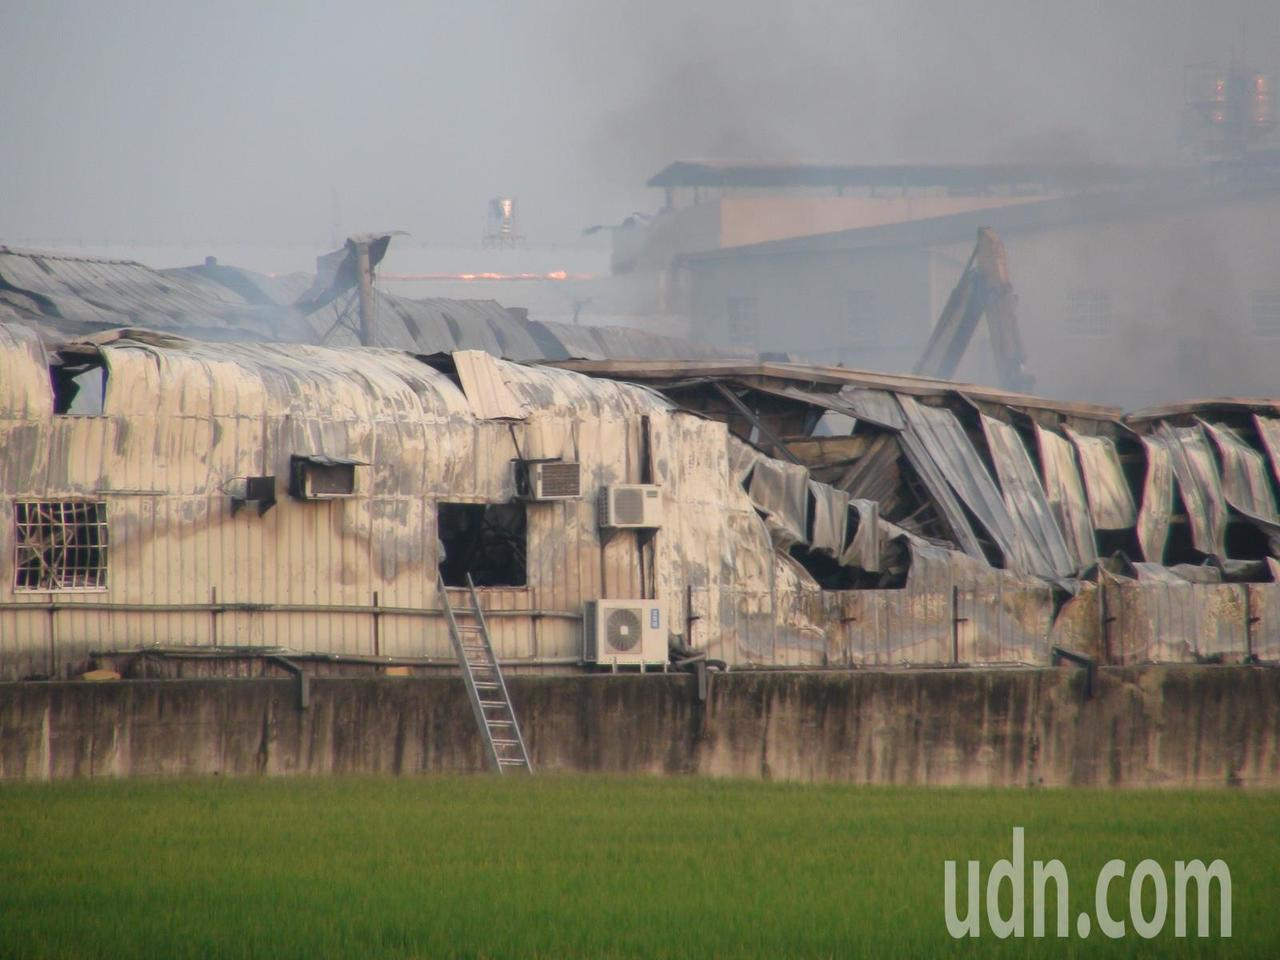 台中市大雅區一處鐵皮工廠昨晨發生大火,造成2名消防員謝志雄、張哲嘉不幸殉職。記者...